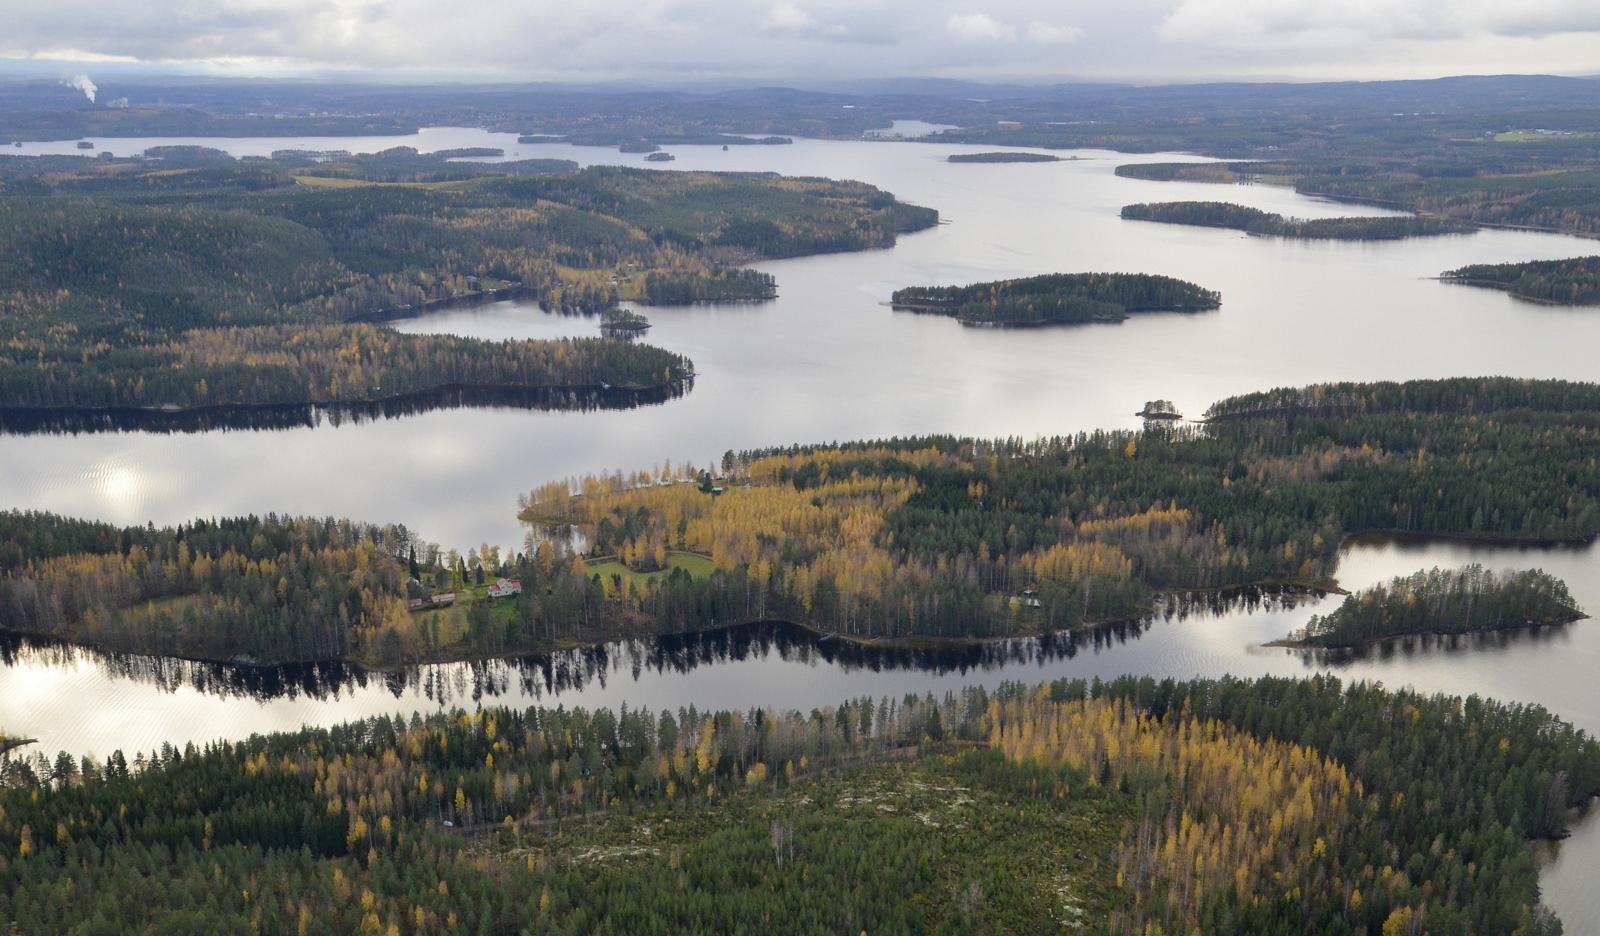 Näkymä tulosuuntaan Syvälahden kohdilta, Ukonniemen yli.